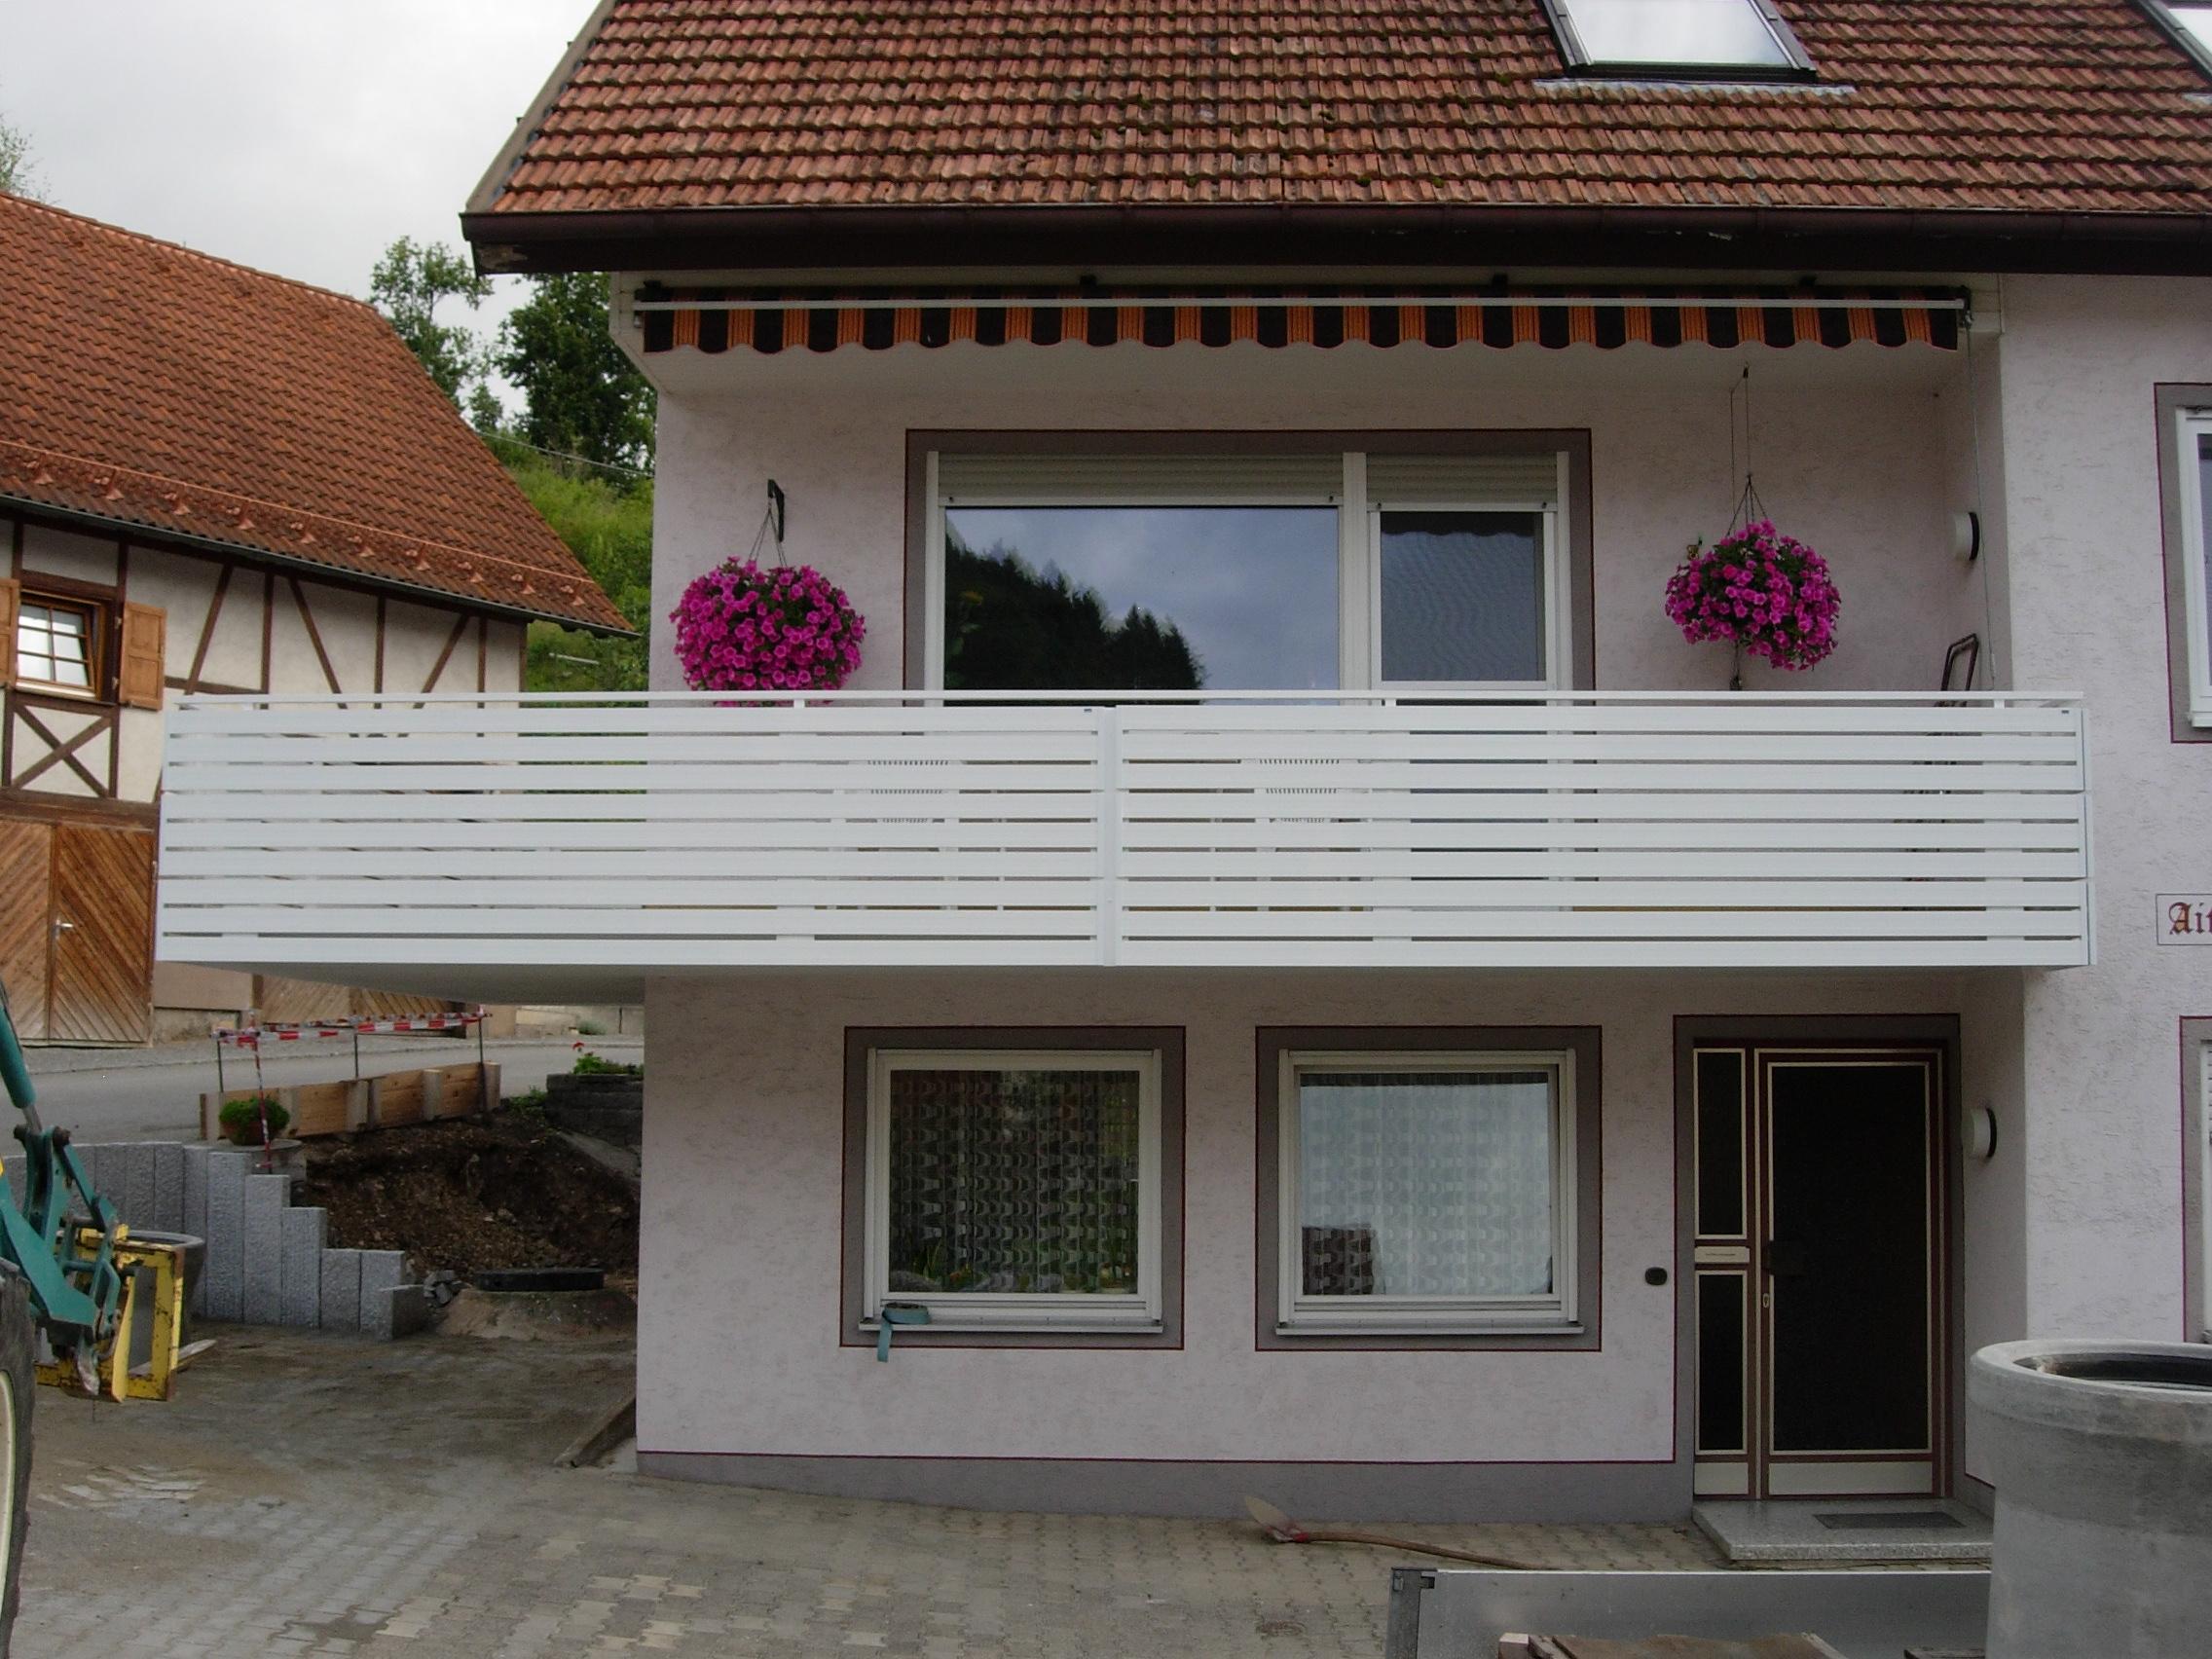 Beliebt Balkon-Systeme | ZAS | Balkonsysteme DZ38